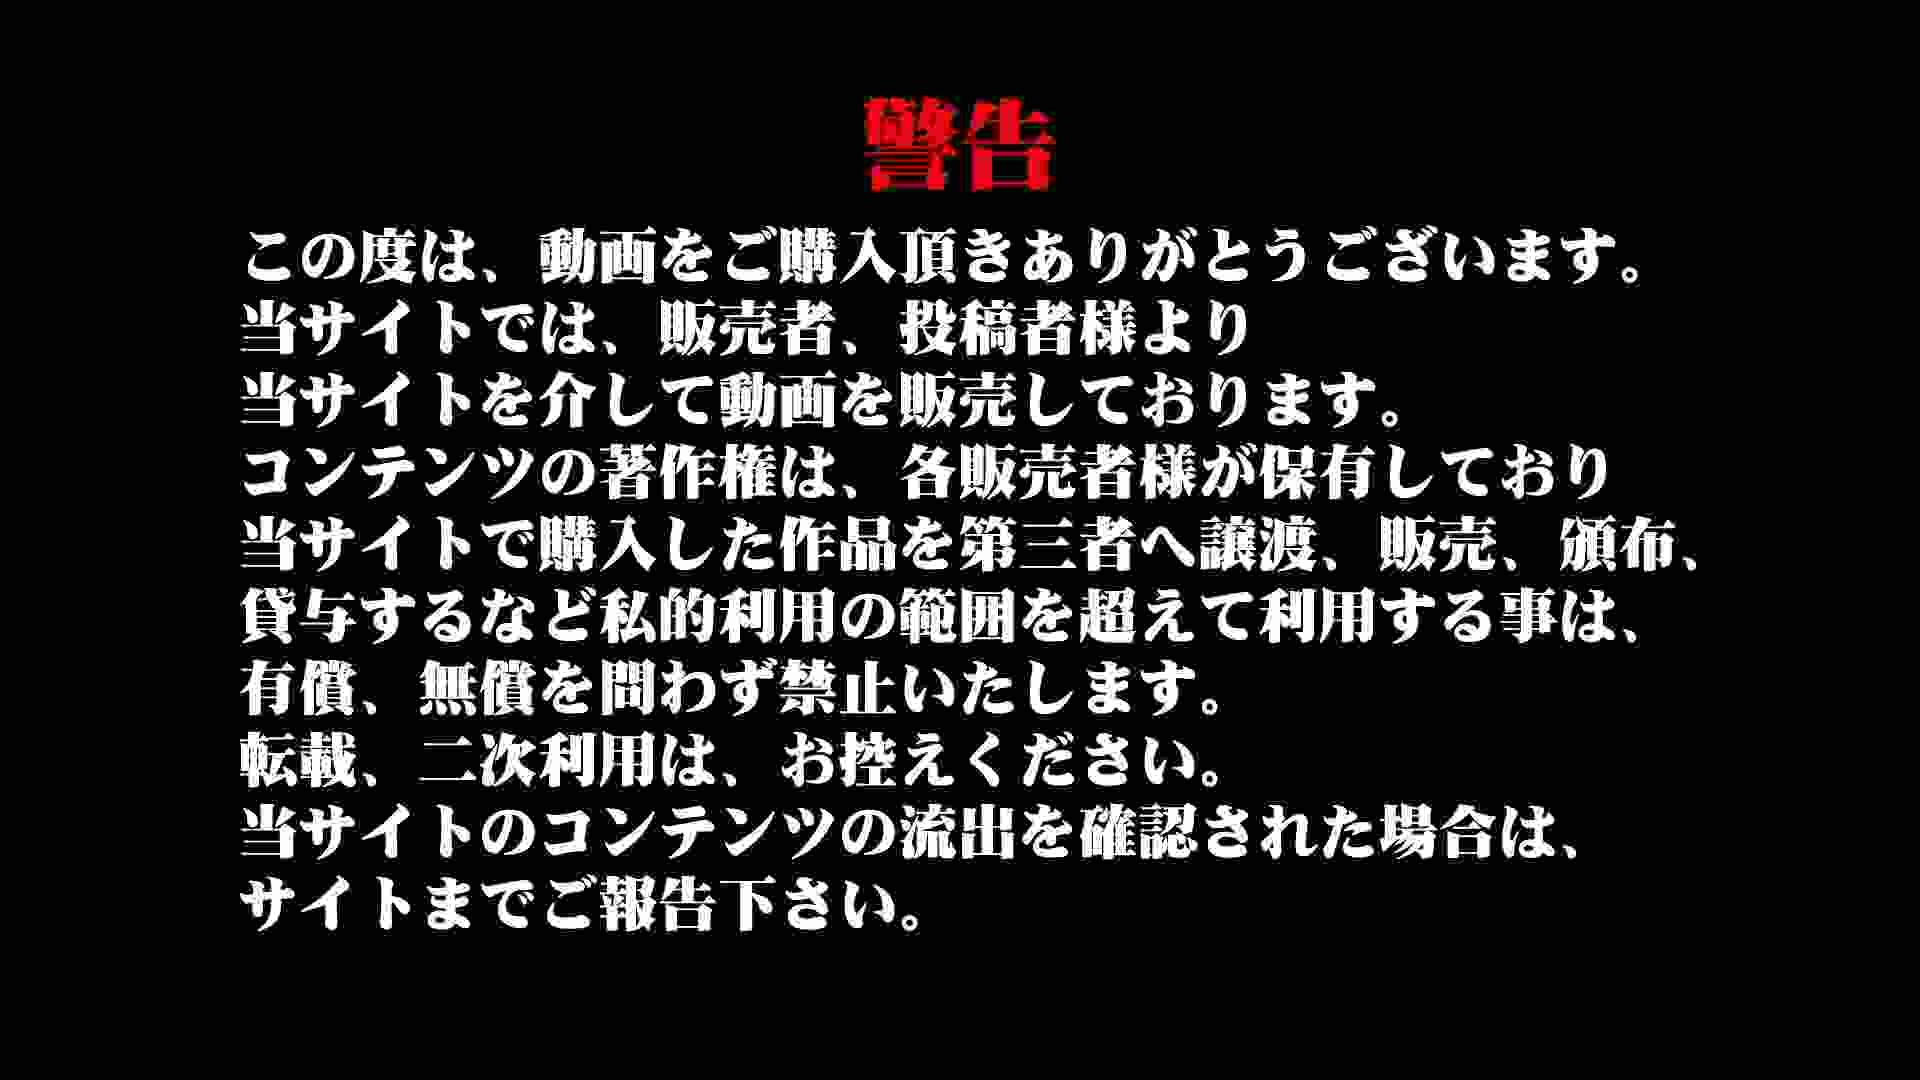 Aquaな露天風呂Vol.902 露天風呂 | 盗撮動画  10枚 1